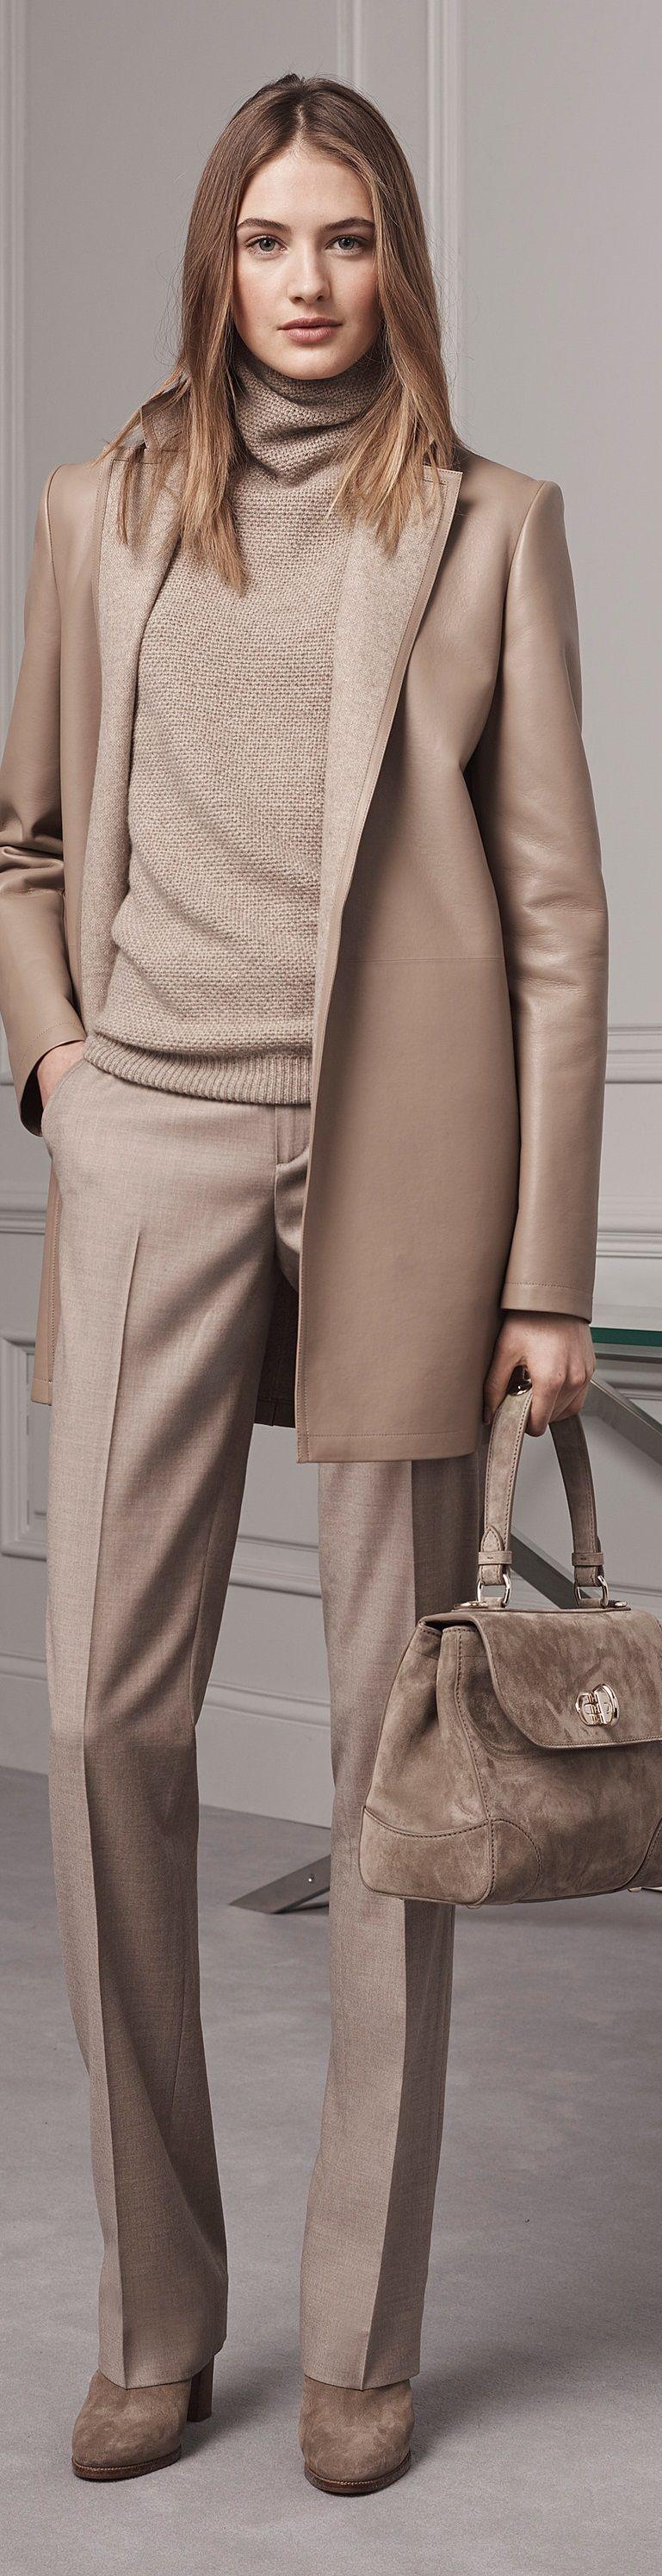 ralph lauren pre fall 2016 fashion show pinterest haute couture tailleur et mode minimaliste. Black Bedroom Furniture Sets. Home Design Ideas